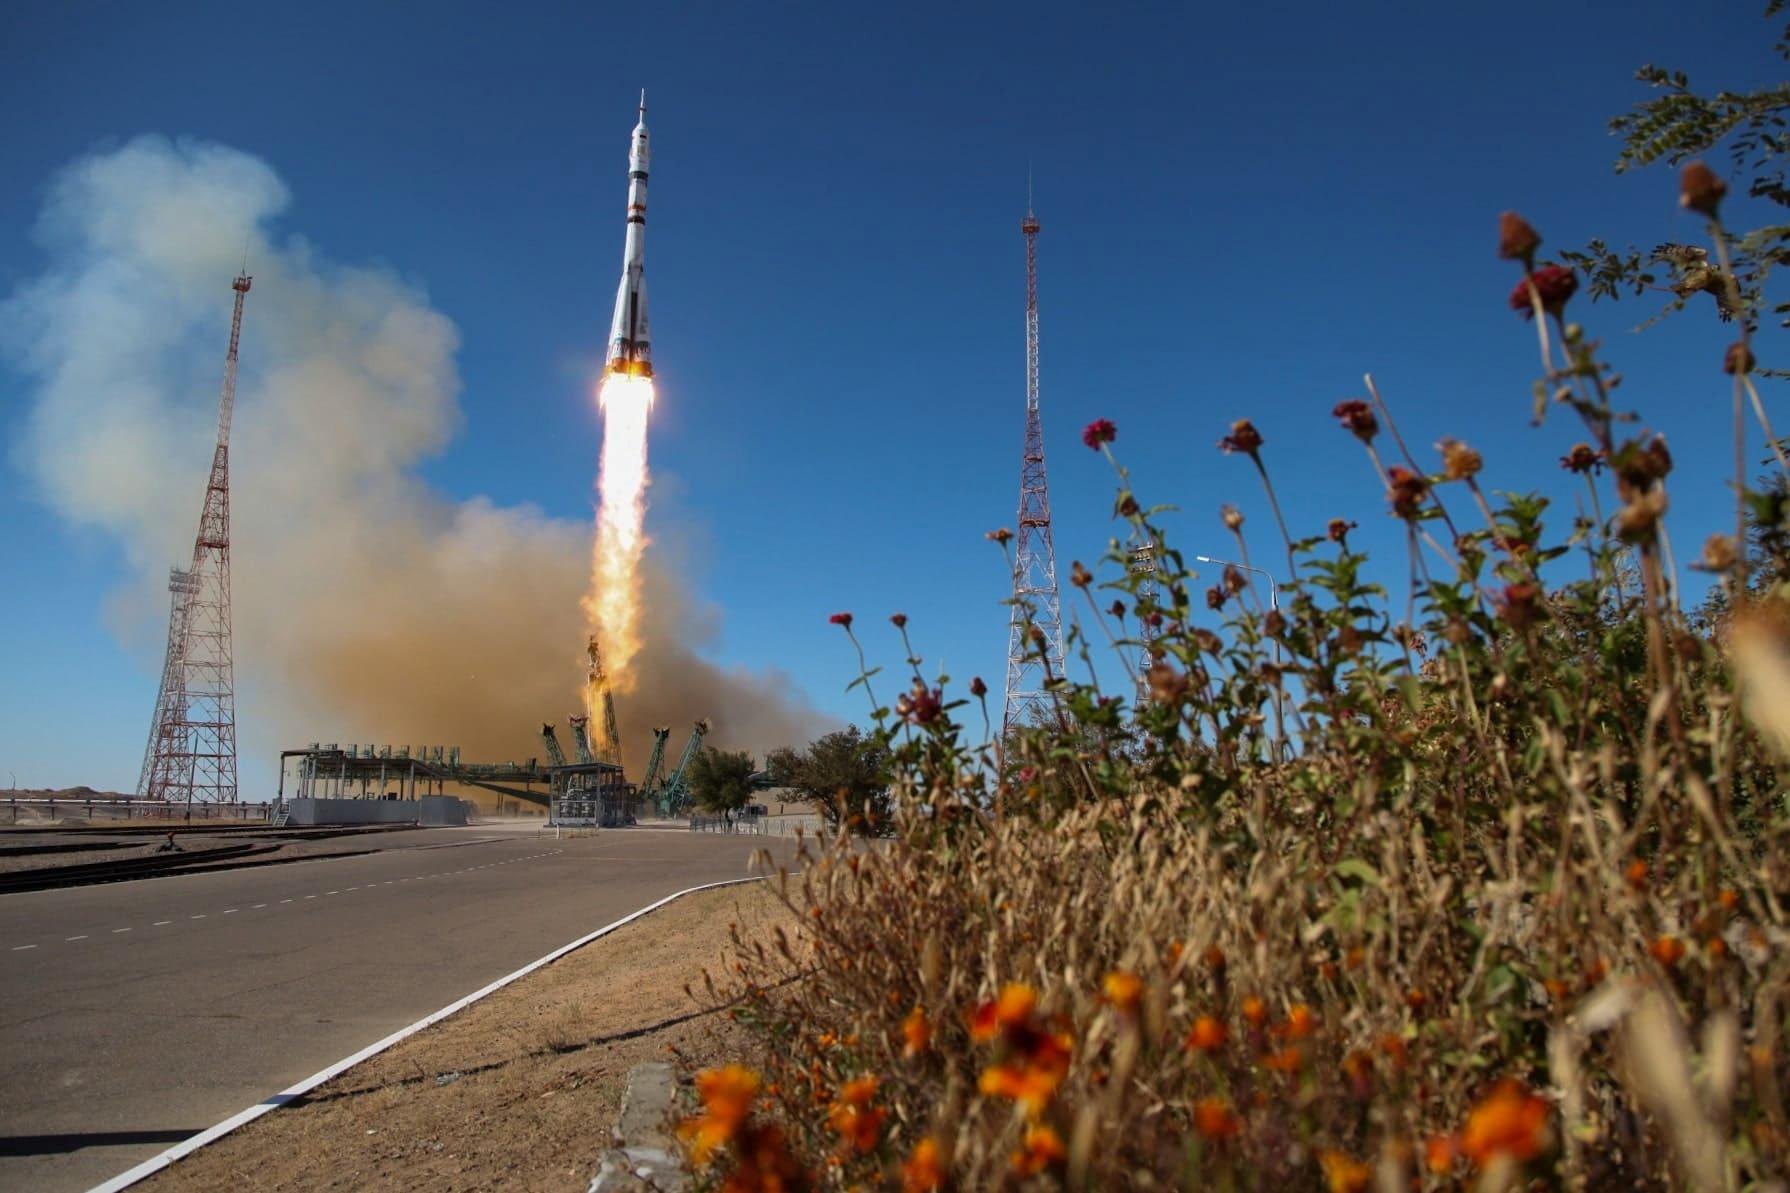 Ηνωμένα Αραβικά Εμιράτα: Στέλνουν διαστημικό όχημα για να εξερευνήσουν αστεροειδή